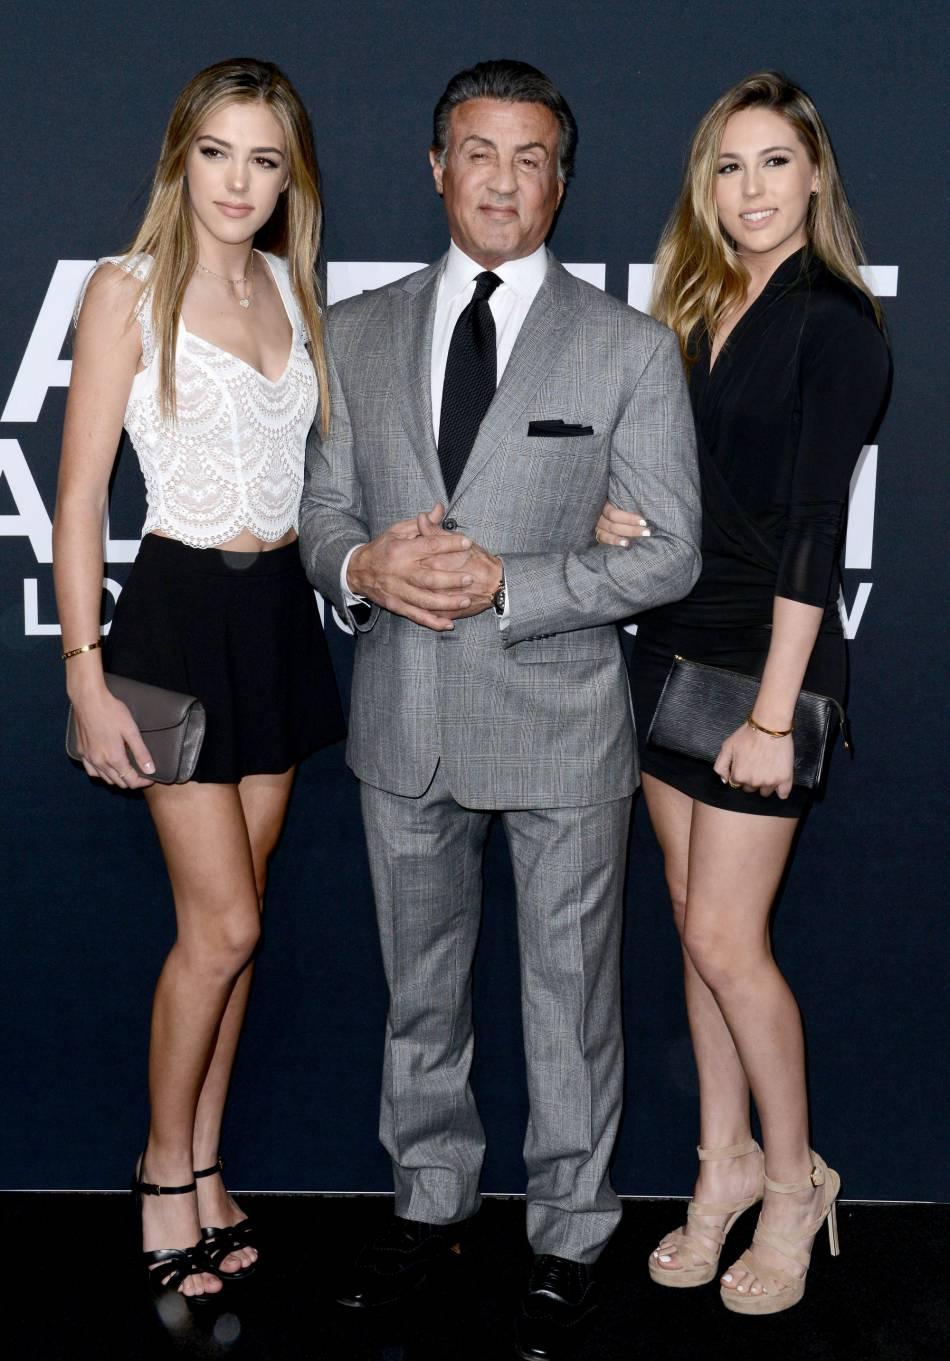 Sylvester Stallone entouré de ses deux filles au défilé Saint Laurent Paris Automne-Hiver 2016/2017, à Los Angeles.